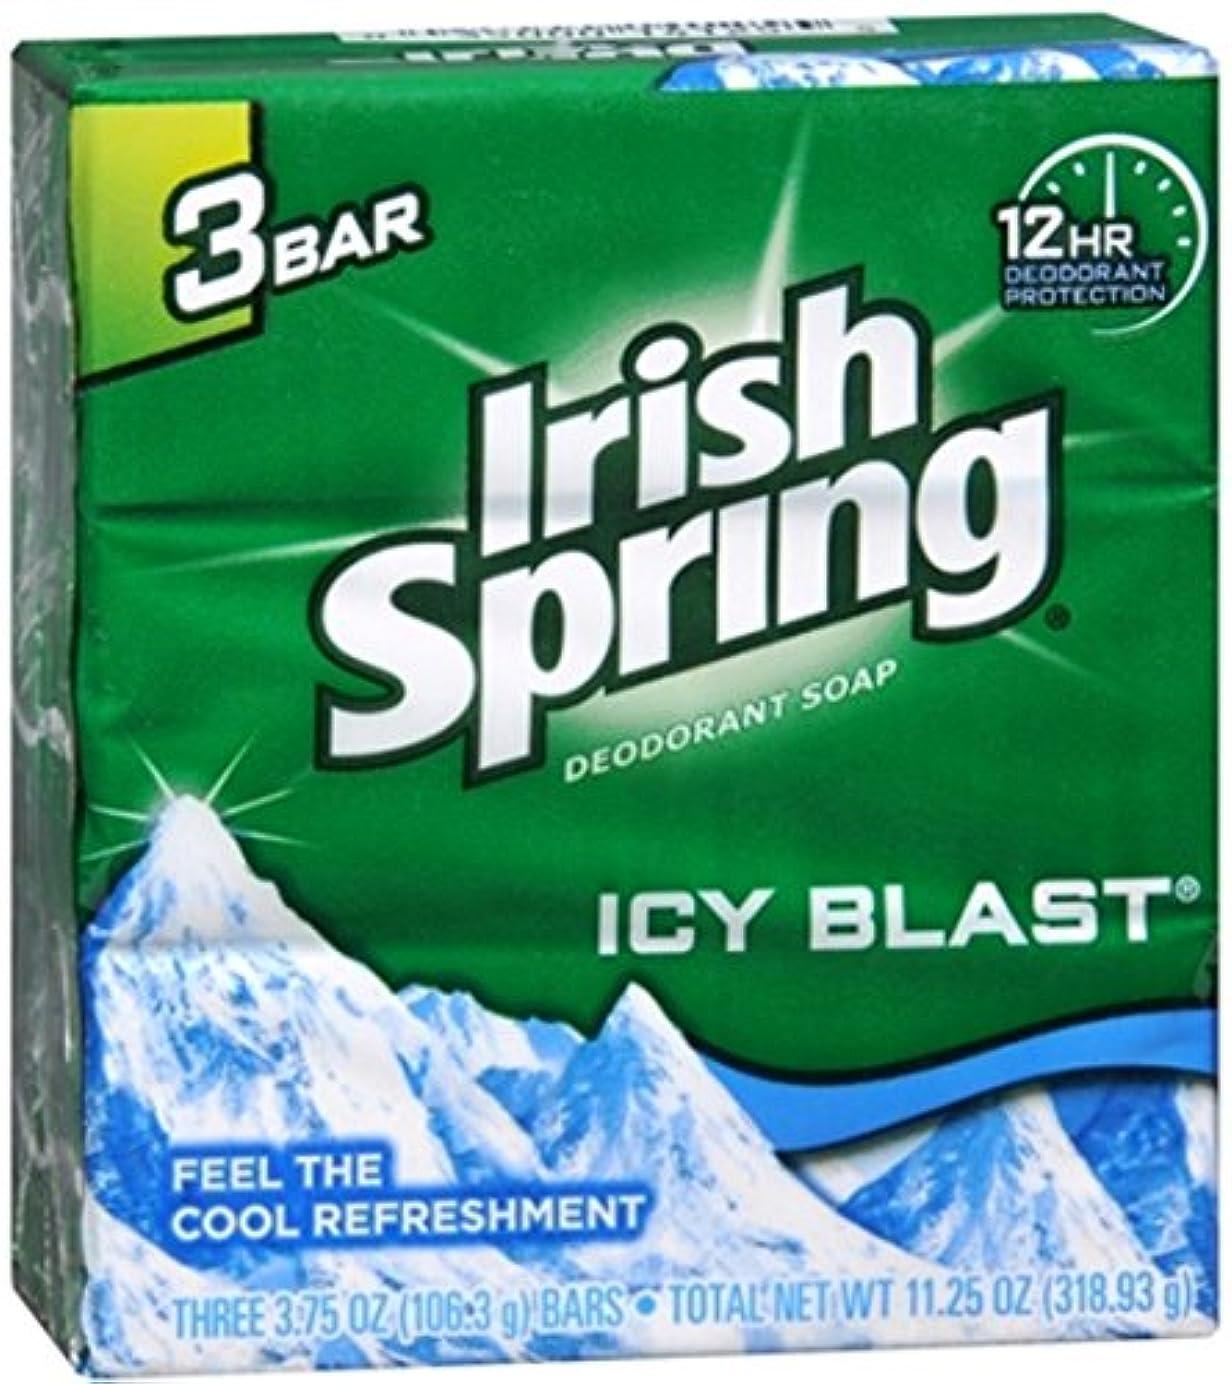 ダッシュ食事経験者Irish Spring デオドラント石鹸、アイシーブラスト、3.75オズバー、3 Eaは(2パック) 2パック